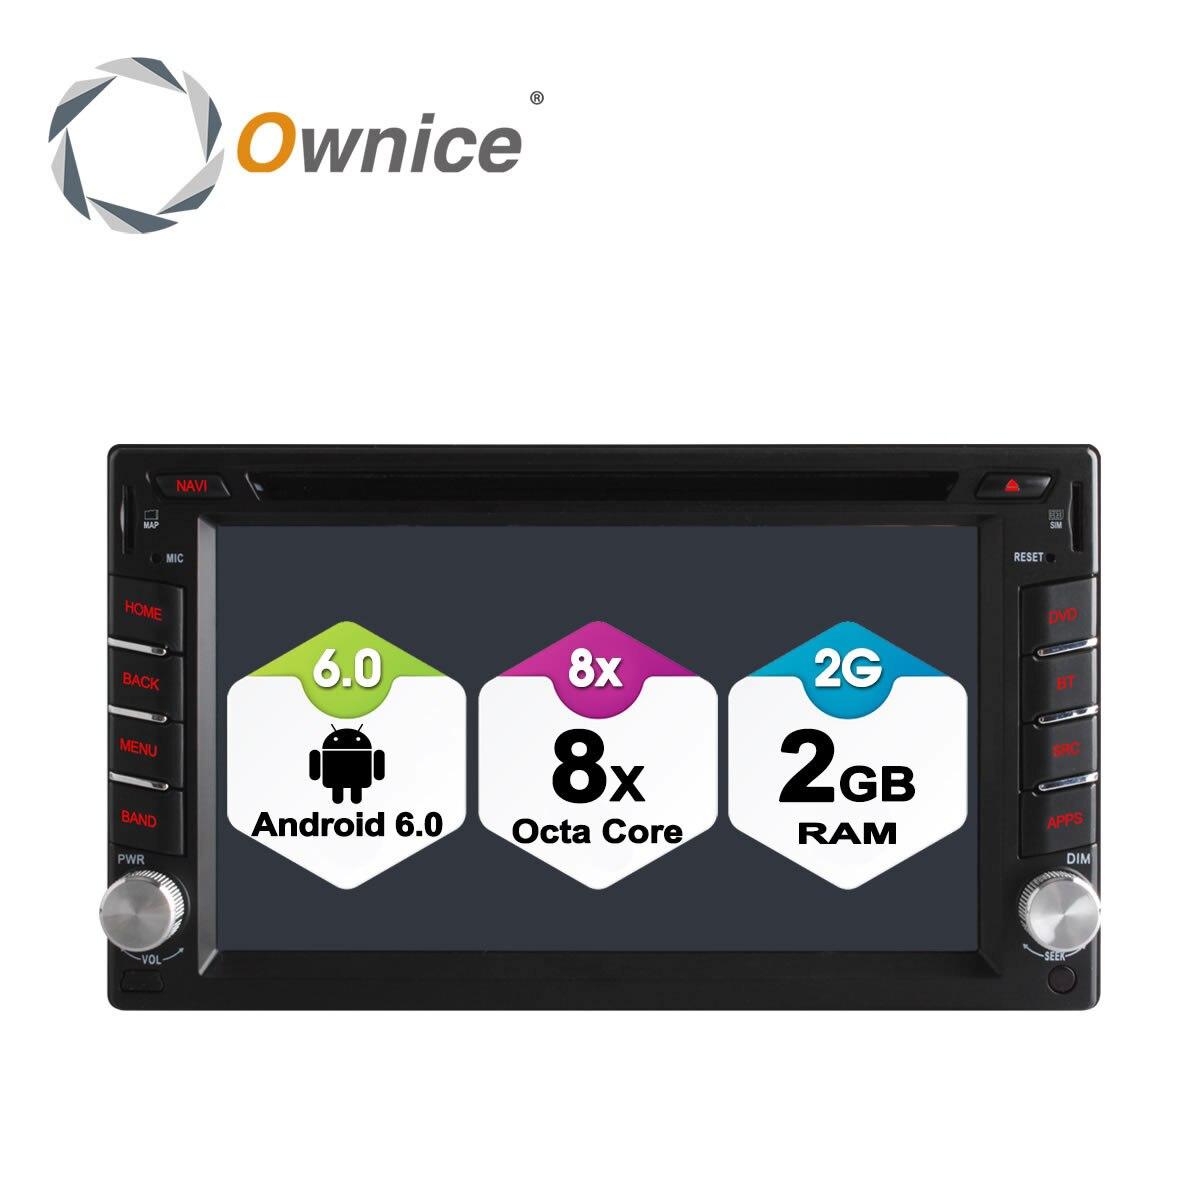 Ownice 4G SIM LTE Android 6.0 Octa Core 2G di RAM Universal Car Radio Auto 2 Din Car DVD player In Dash GPS Unità di Testa Stereo